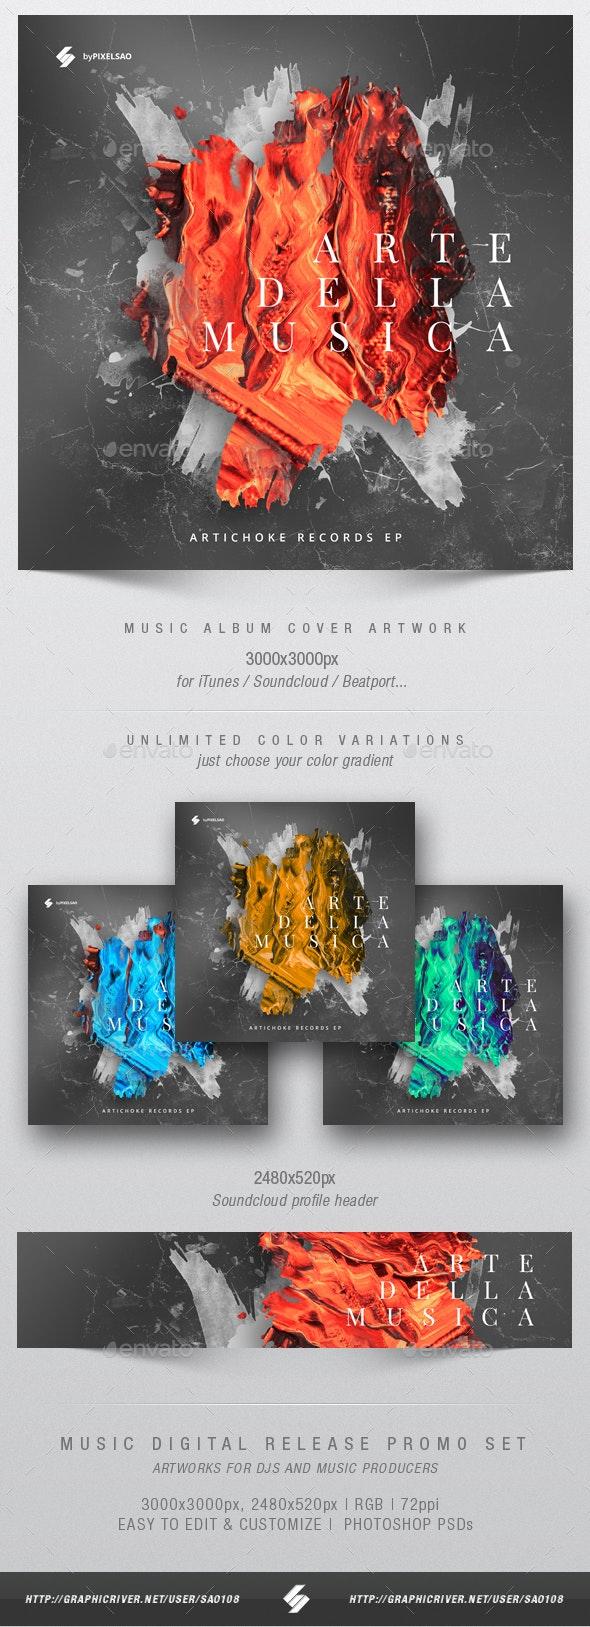 Arte Della Musica - Music Album Cover Artwork Template - Miscellaneous Social Media